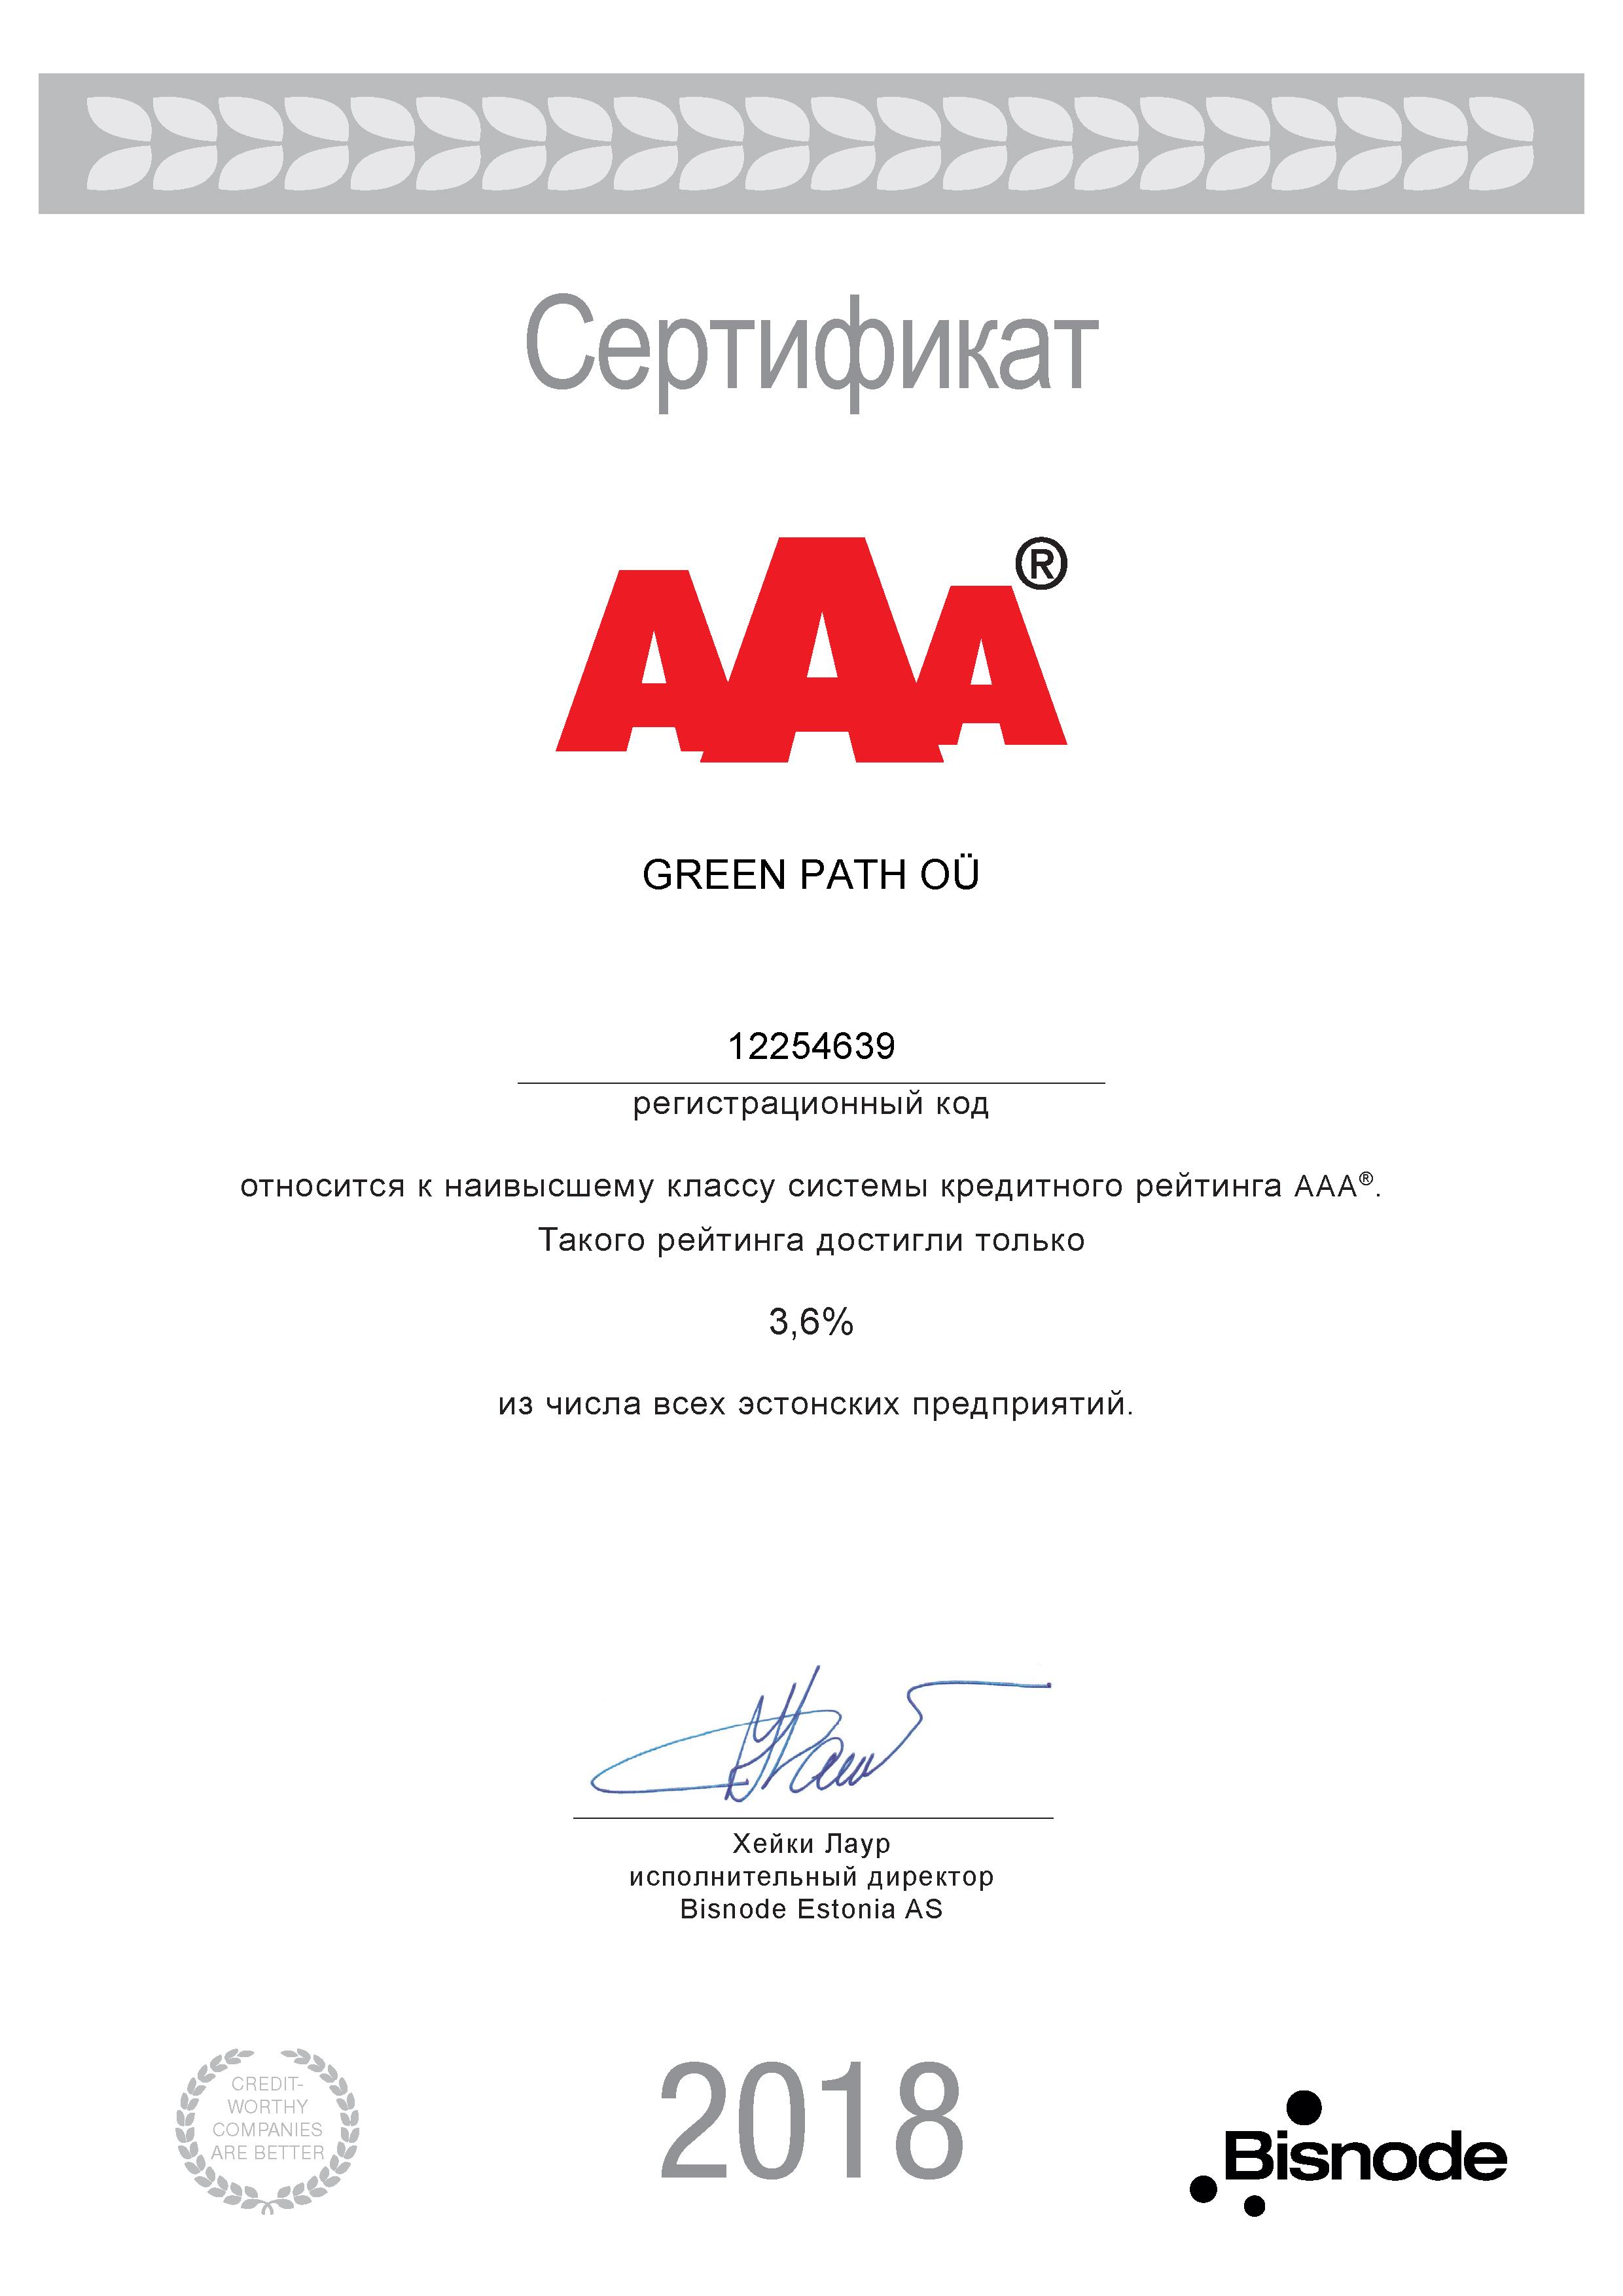 сертификат фирмы основная деятельность которой уборка